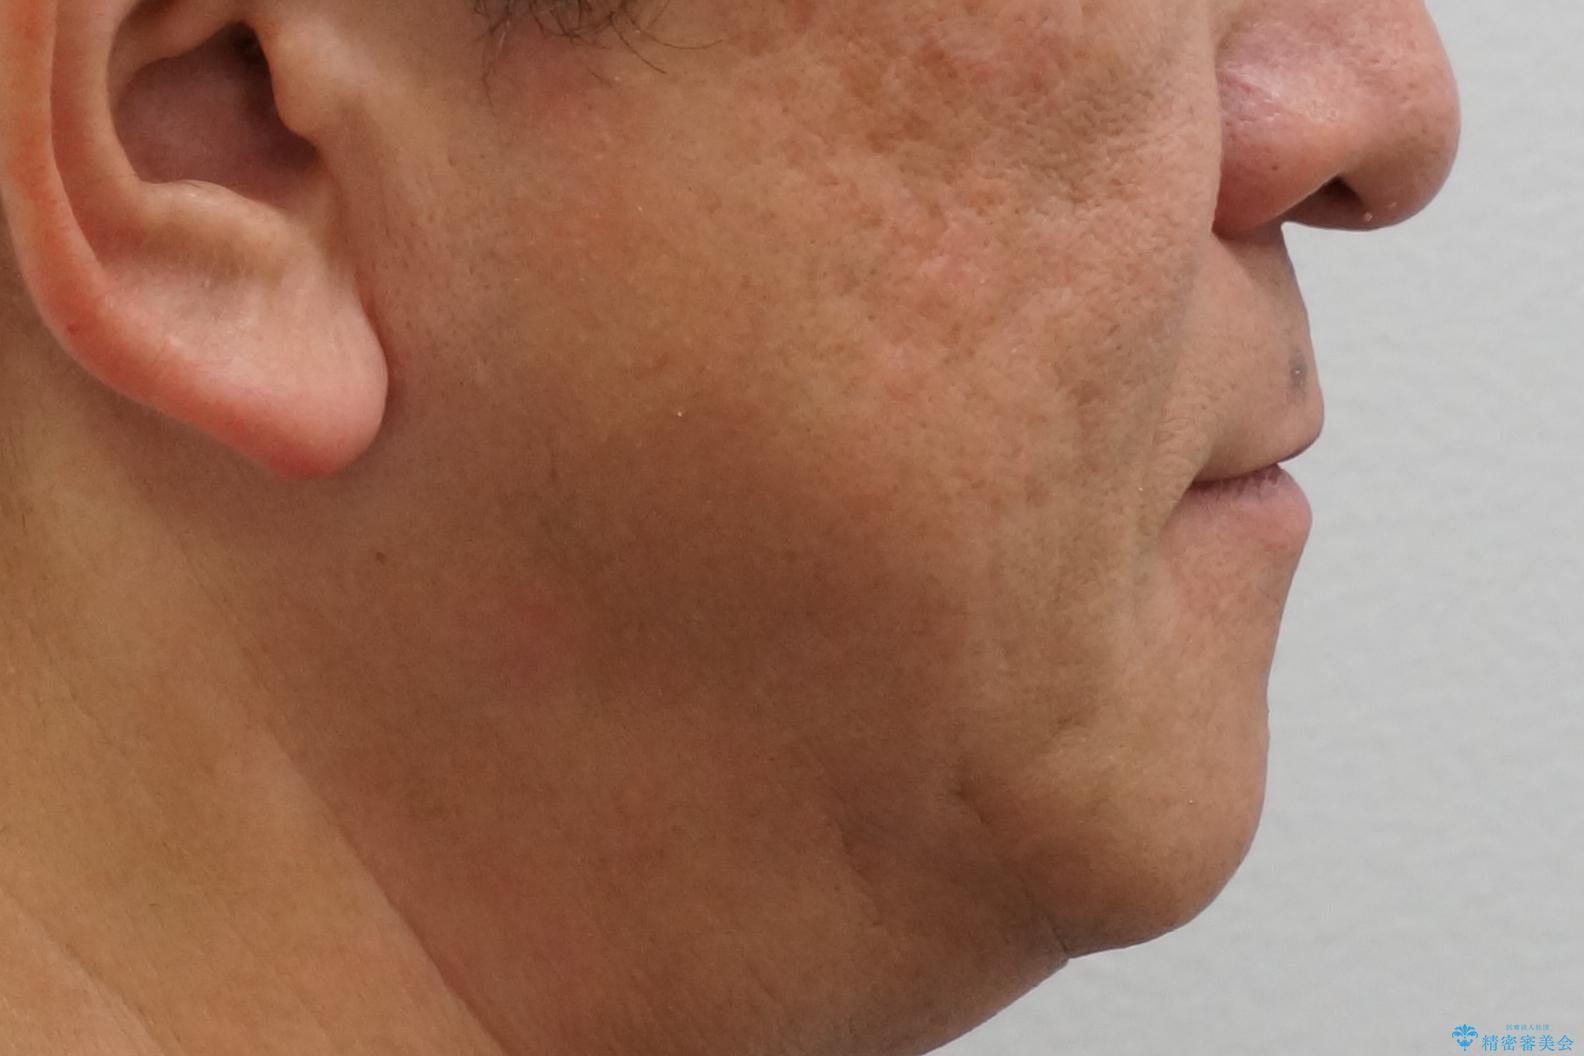 50代男性 受け口 他院で5年以上かかると治療を断られたの治療後(顔貌)